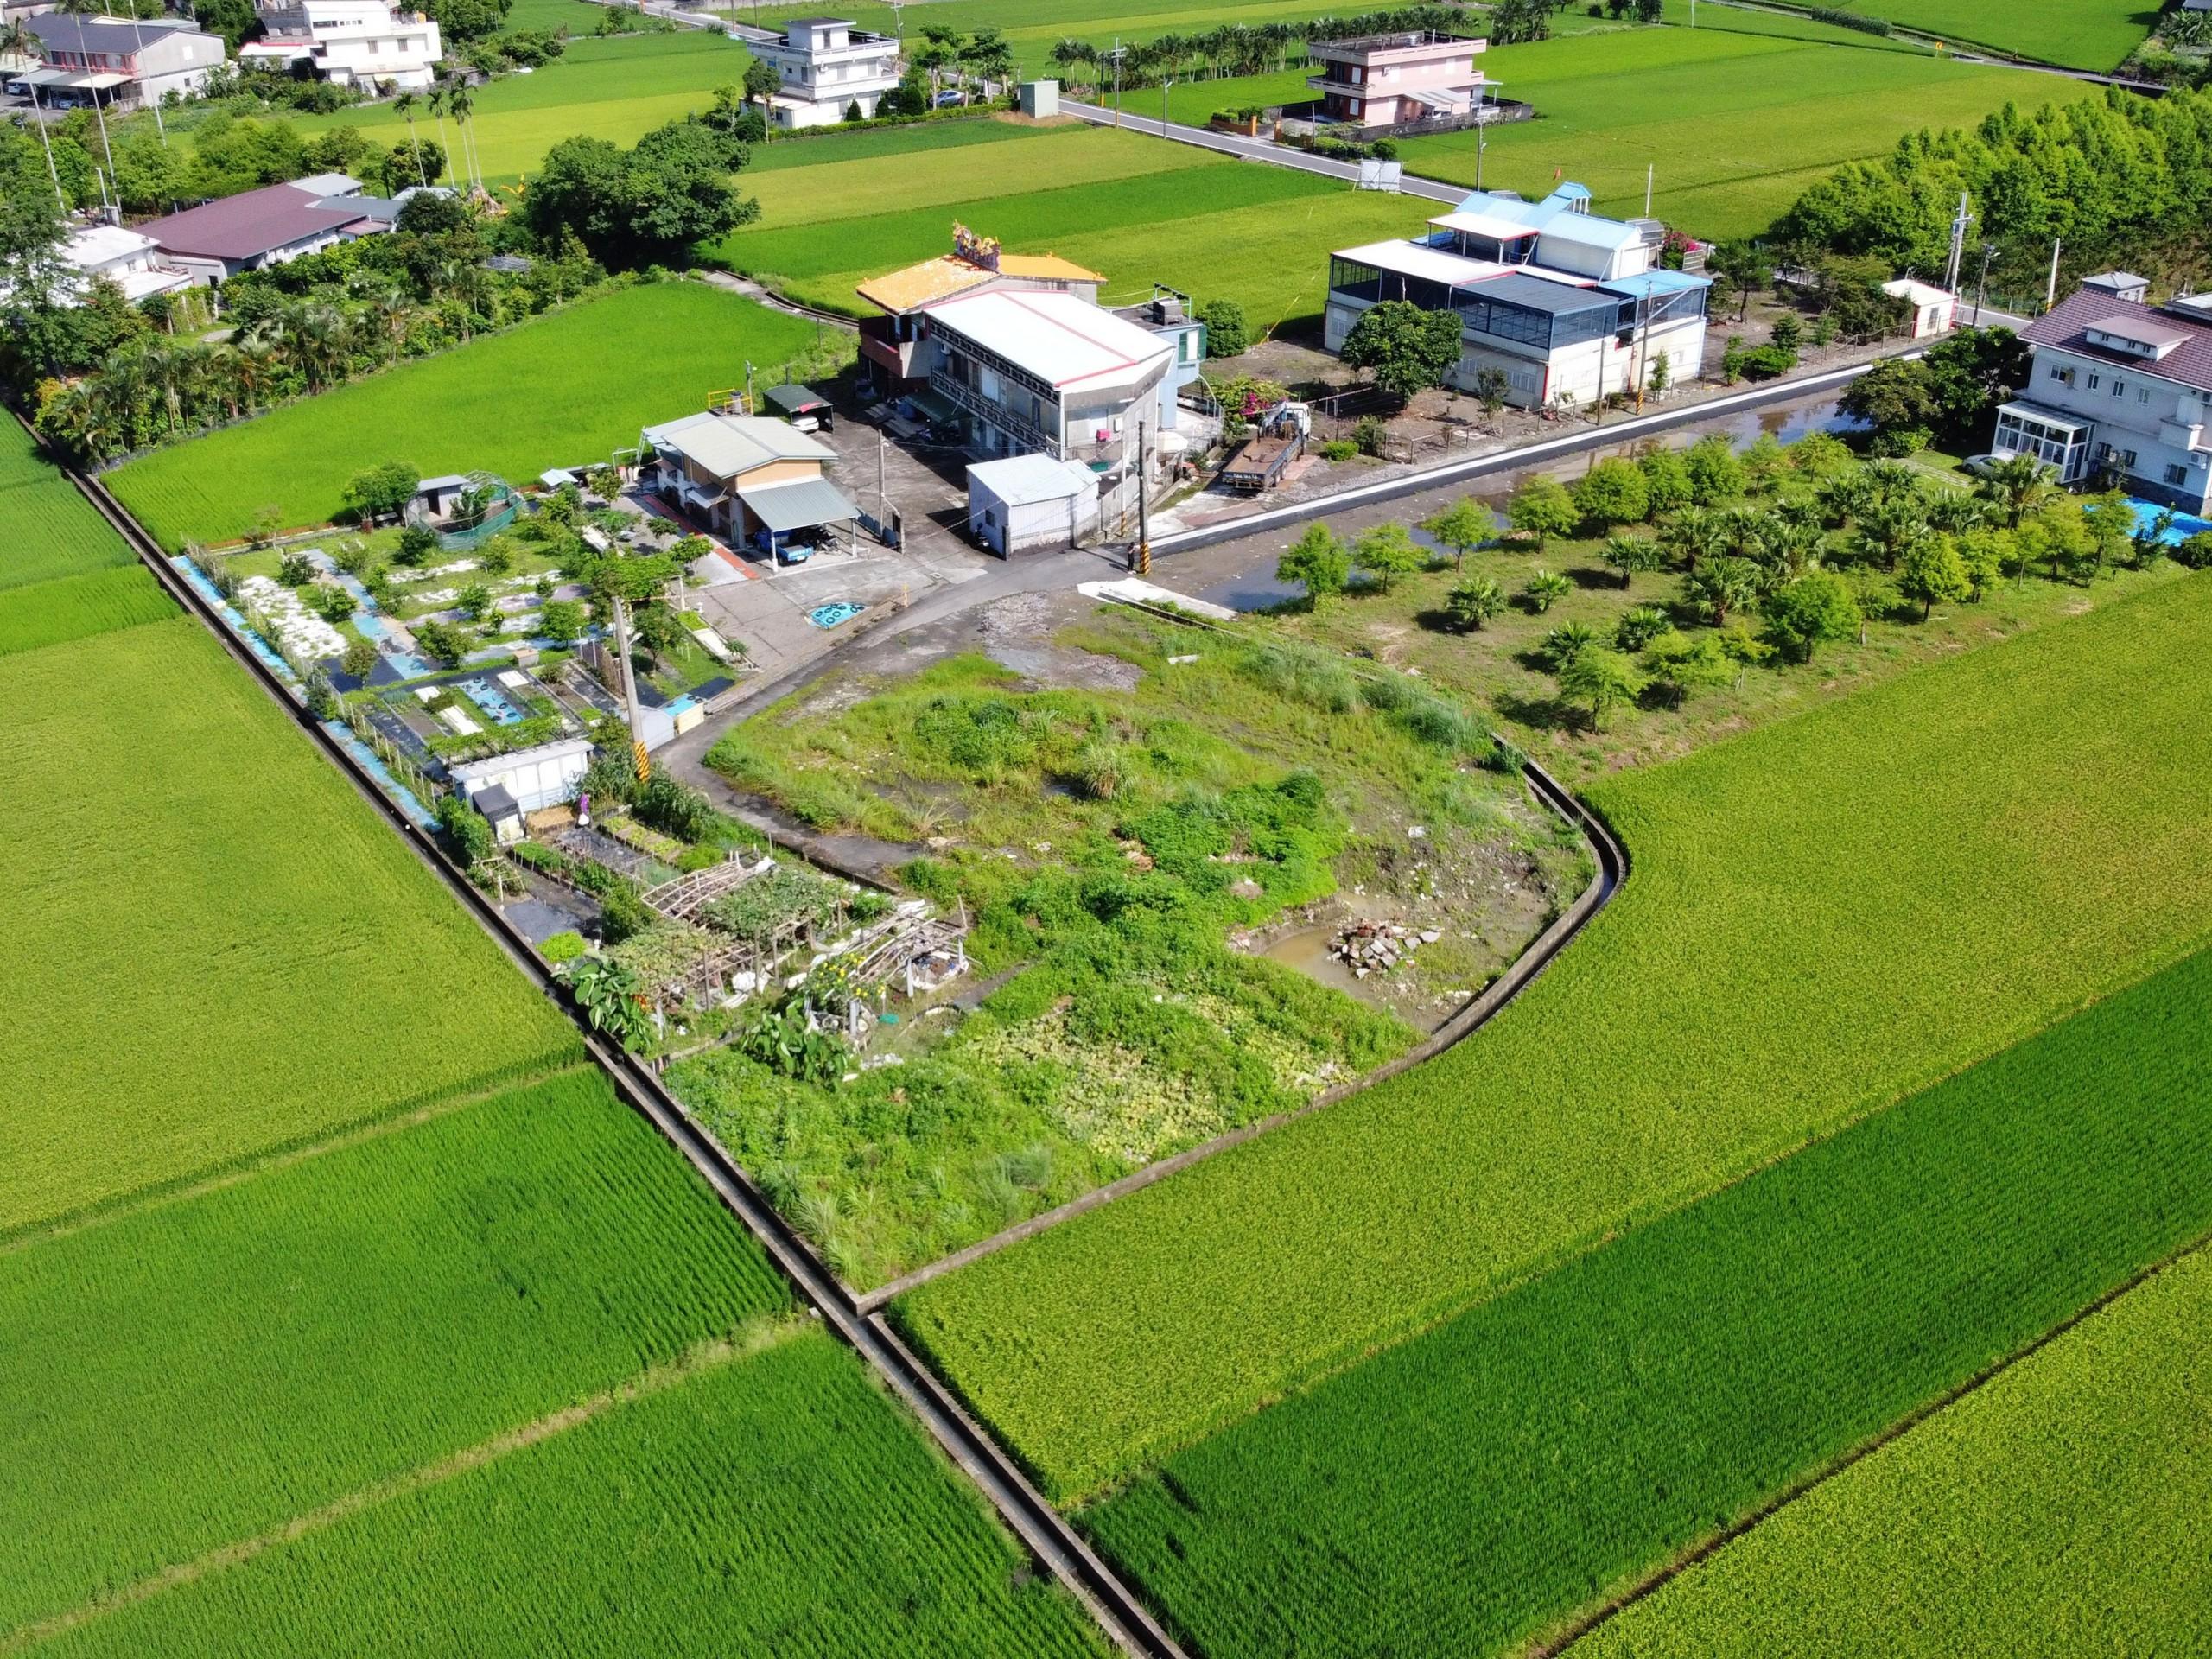 德築-DEZU-project-Zuyin-architecture-real-estate-engineering-25